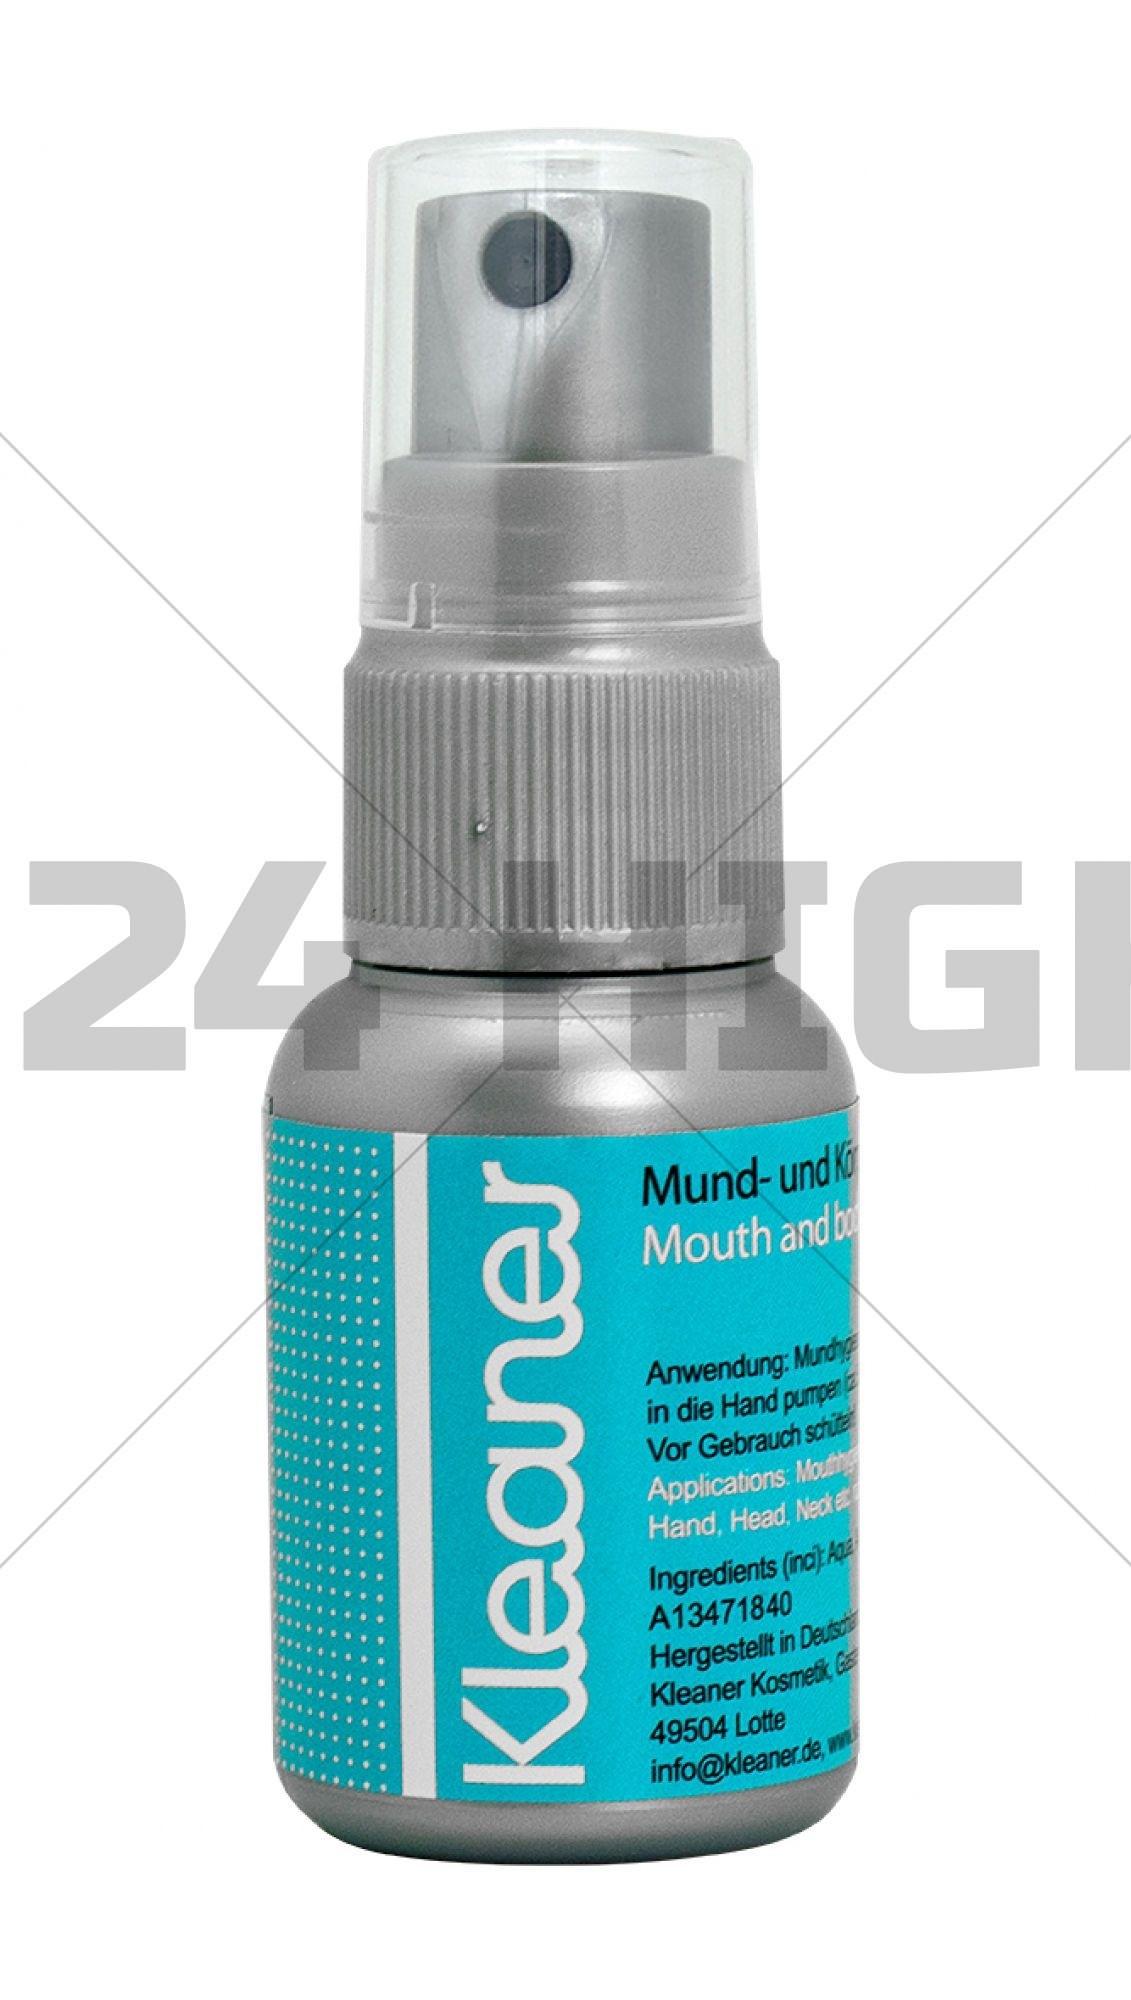 Kleaner Bottle 30 ml (Reinigt mondholtes)